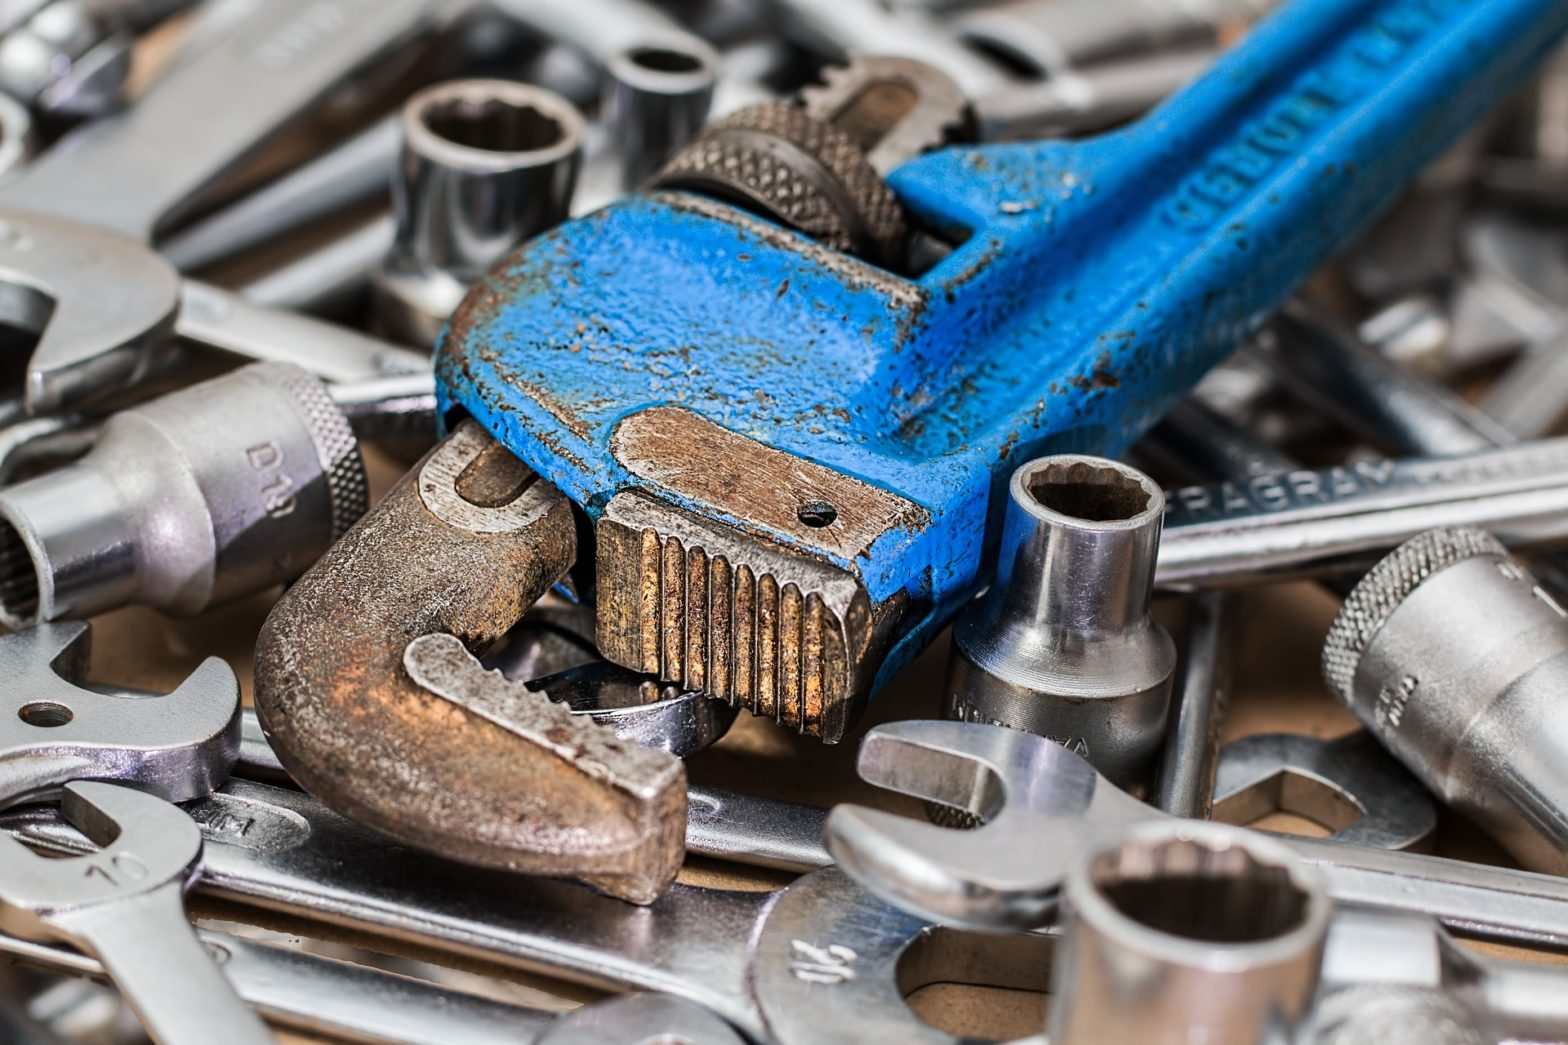 Warsztat samochodowy – profesjonalna mechanika pojazdowa